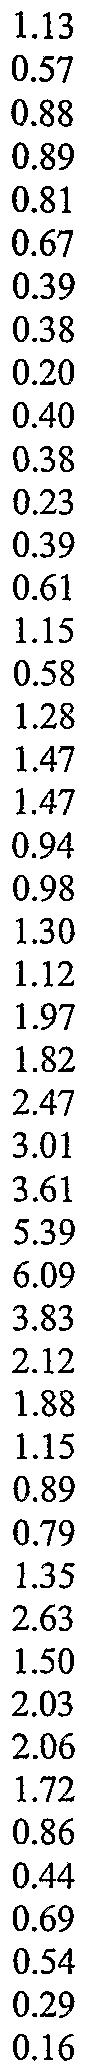 Figure imgf000040_0003